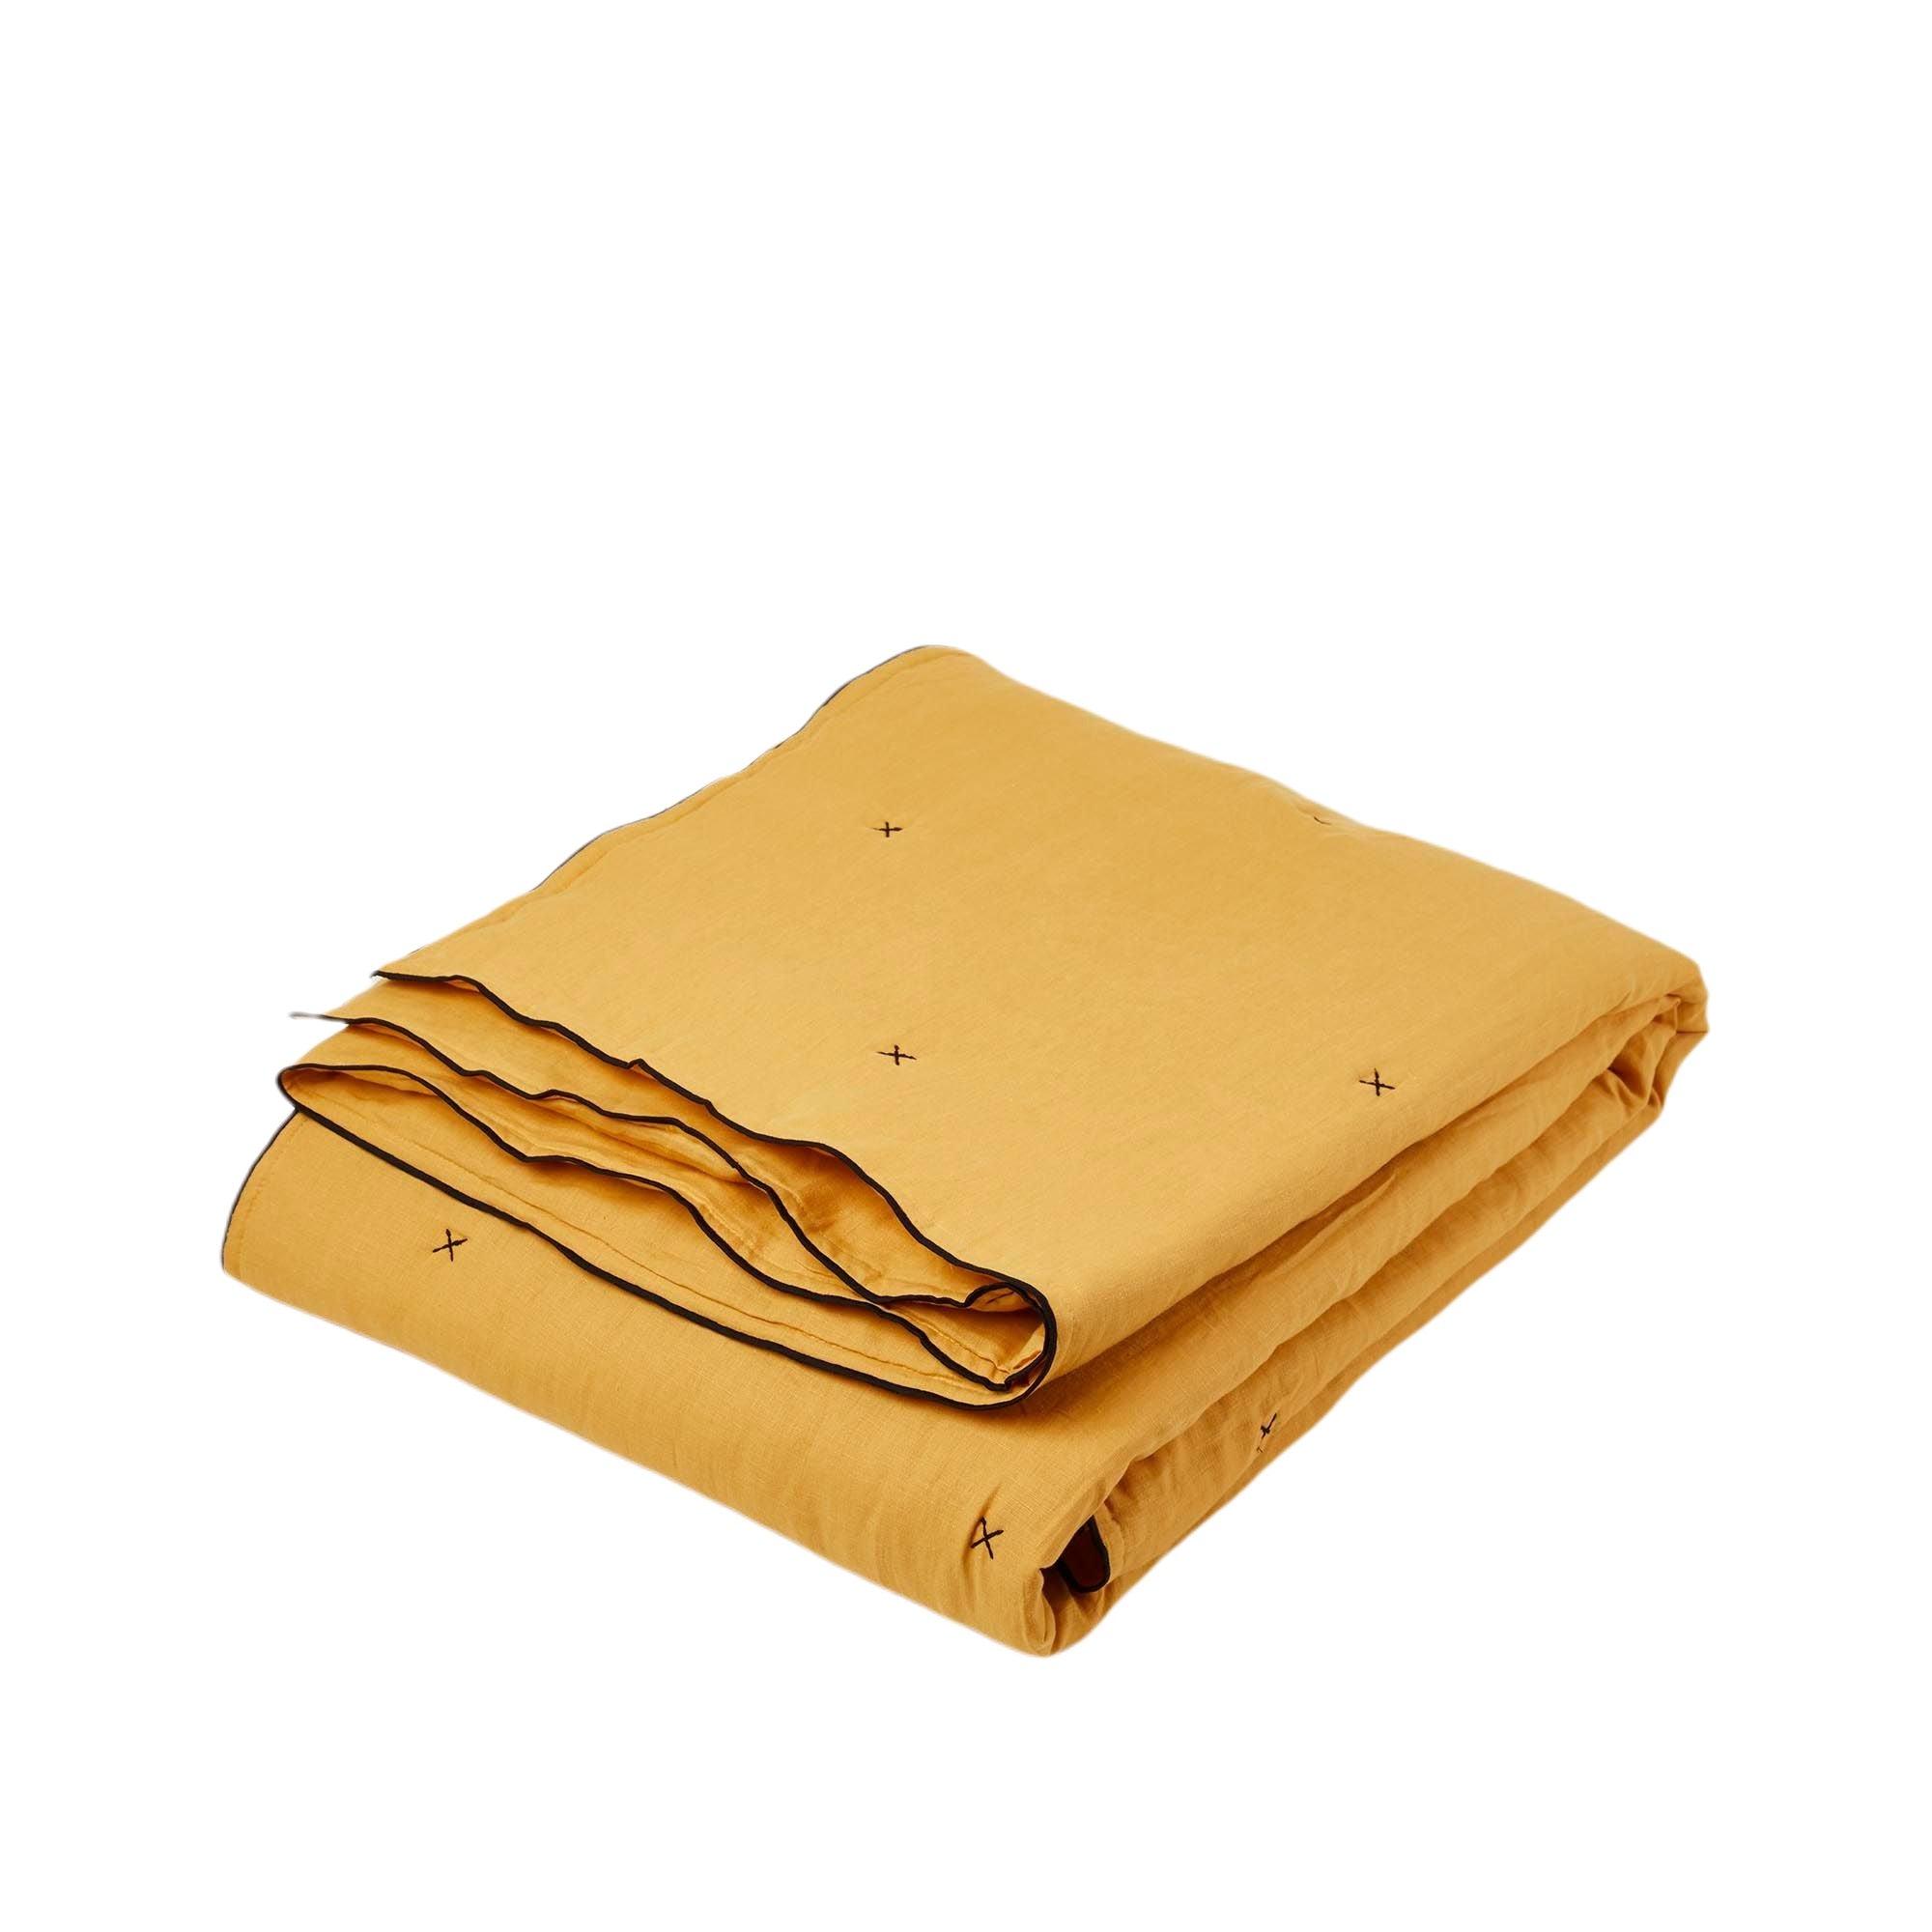 Couvre-lit matelassé 250x280 cm Jaune ocre et bourdon noir en Lin